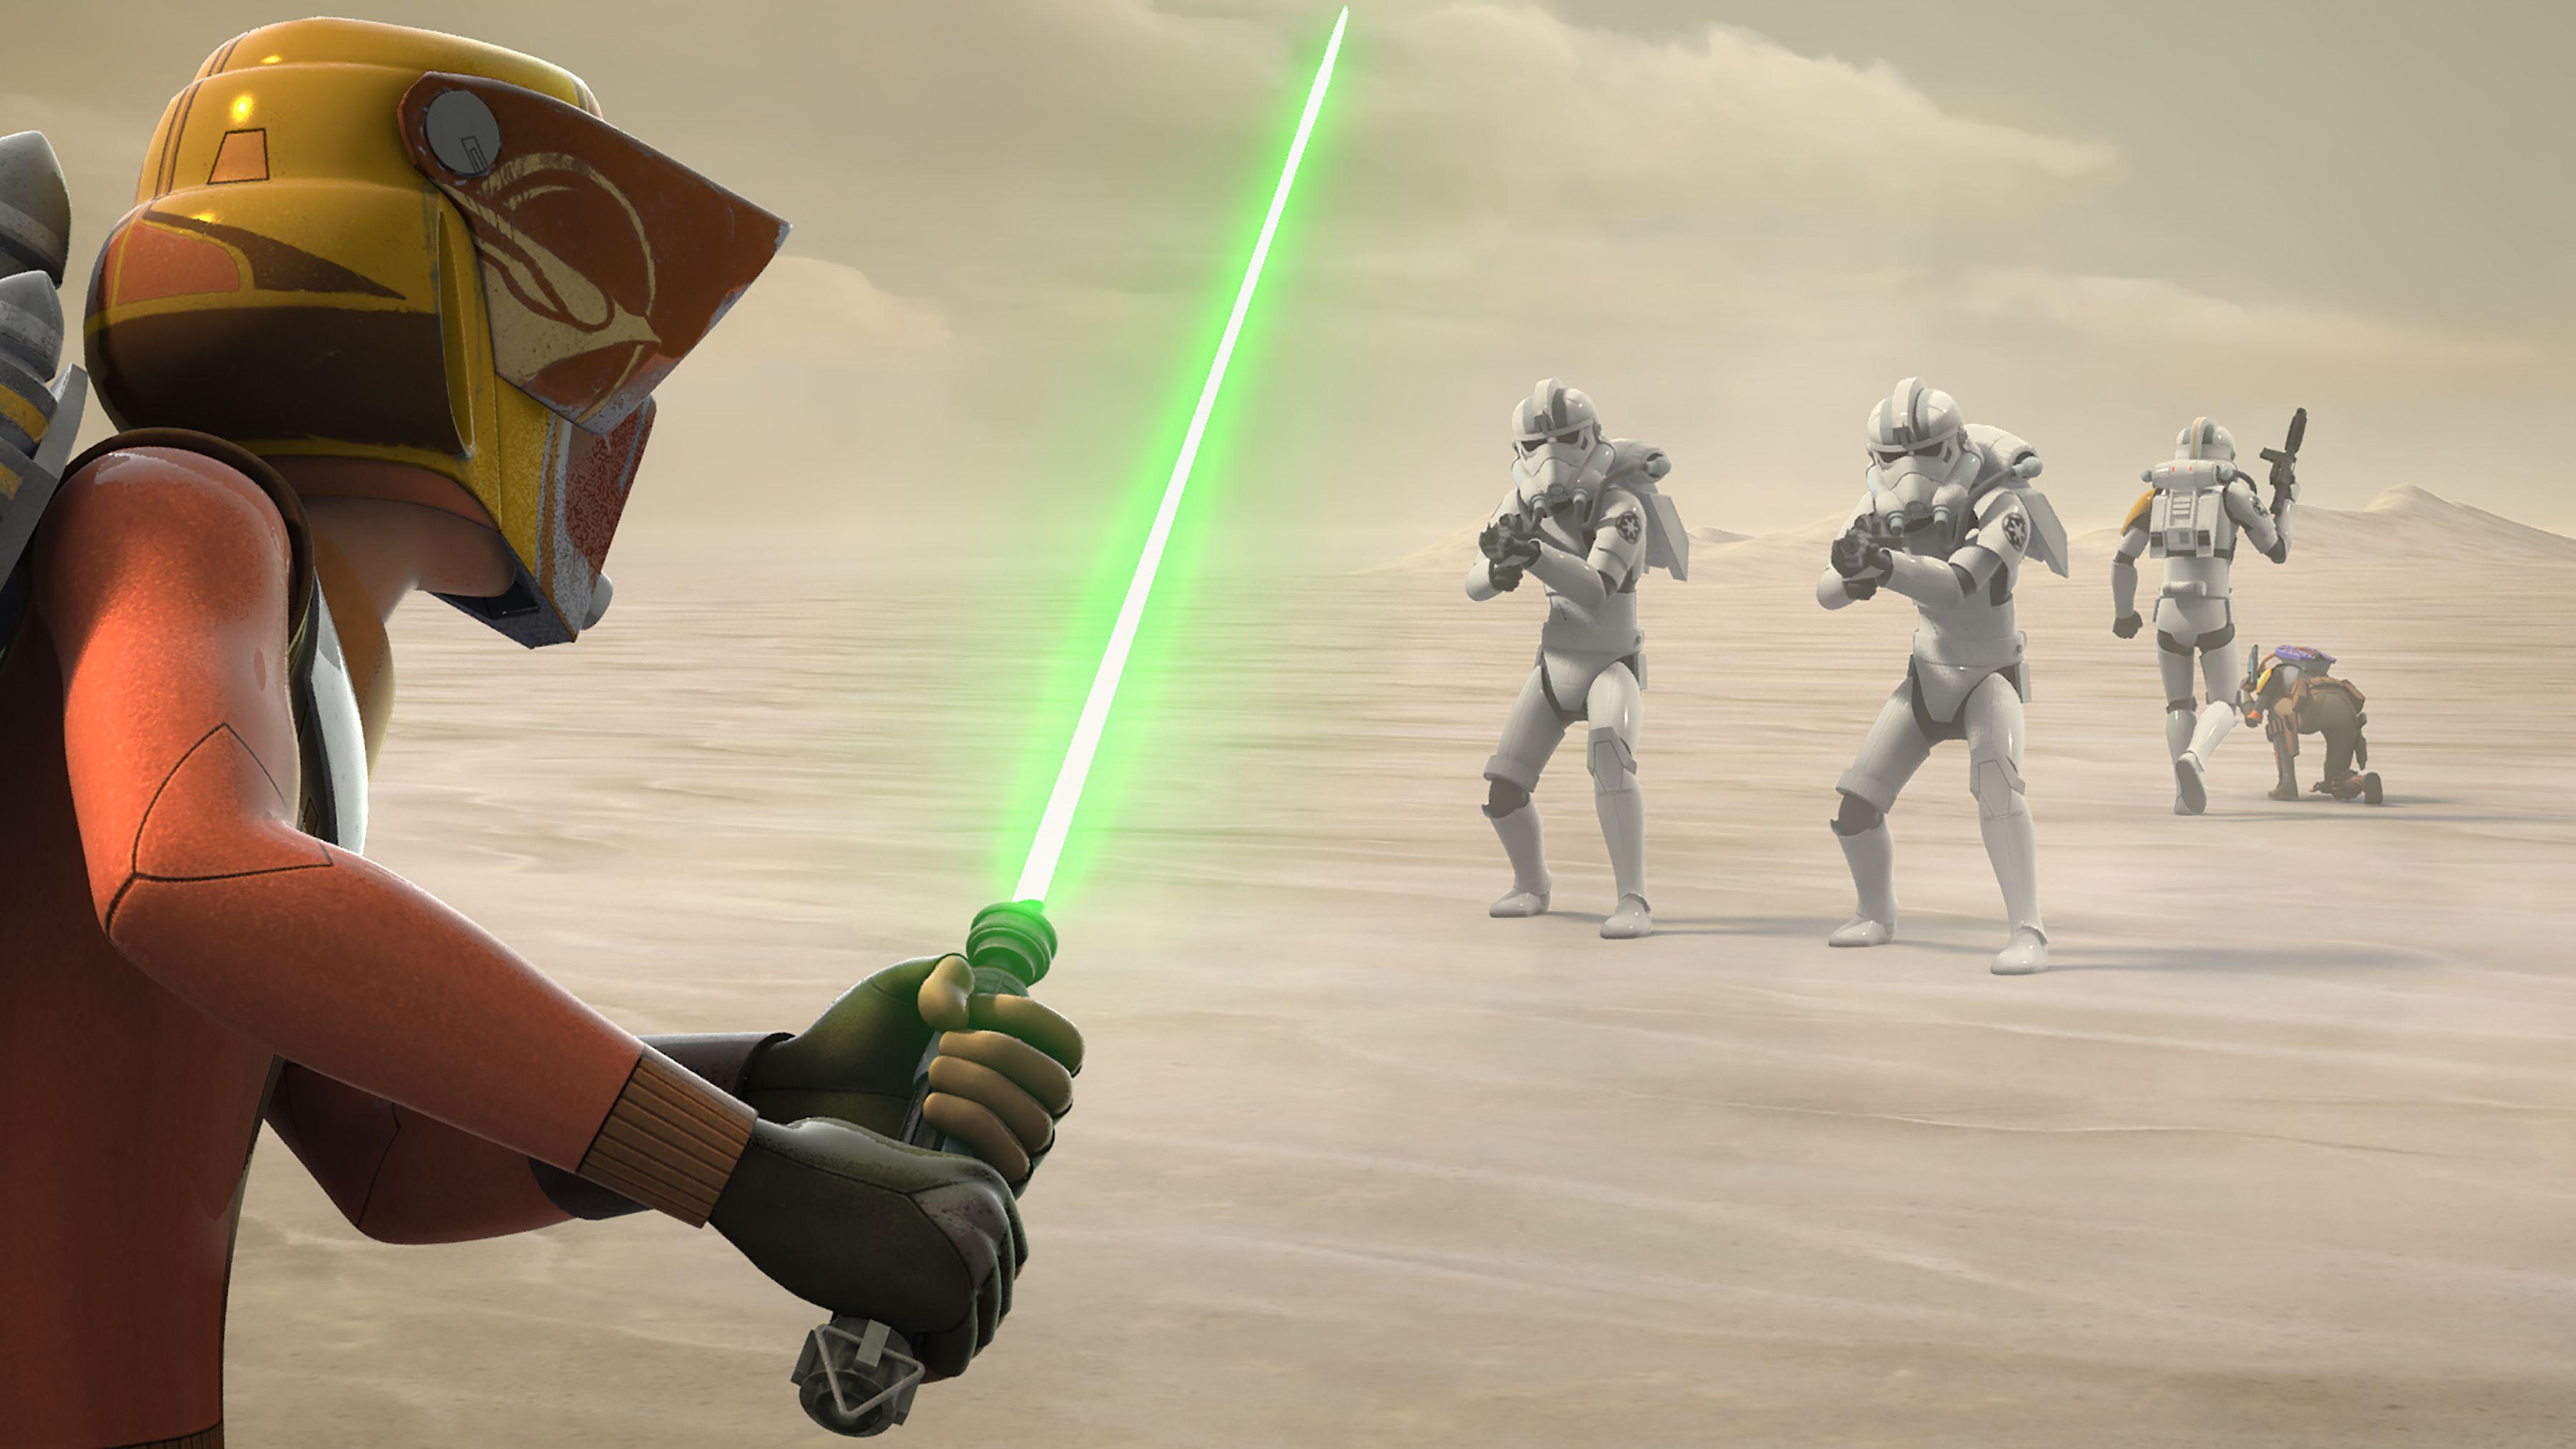 Star Wars Rebels Season 4 Premiere Images Reveal Heroes Of